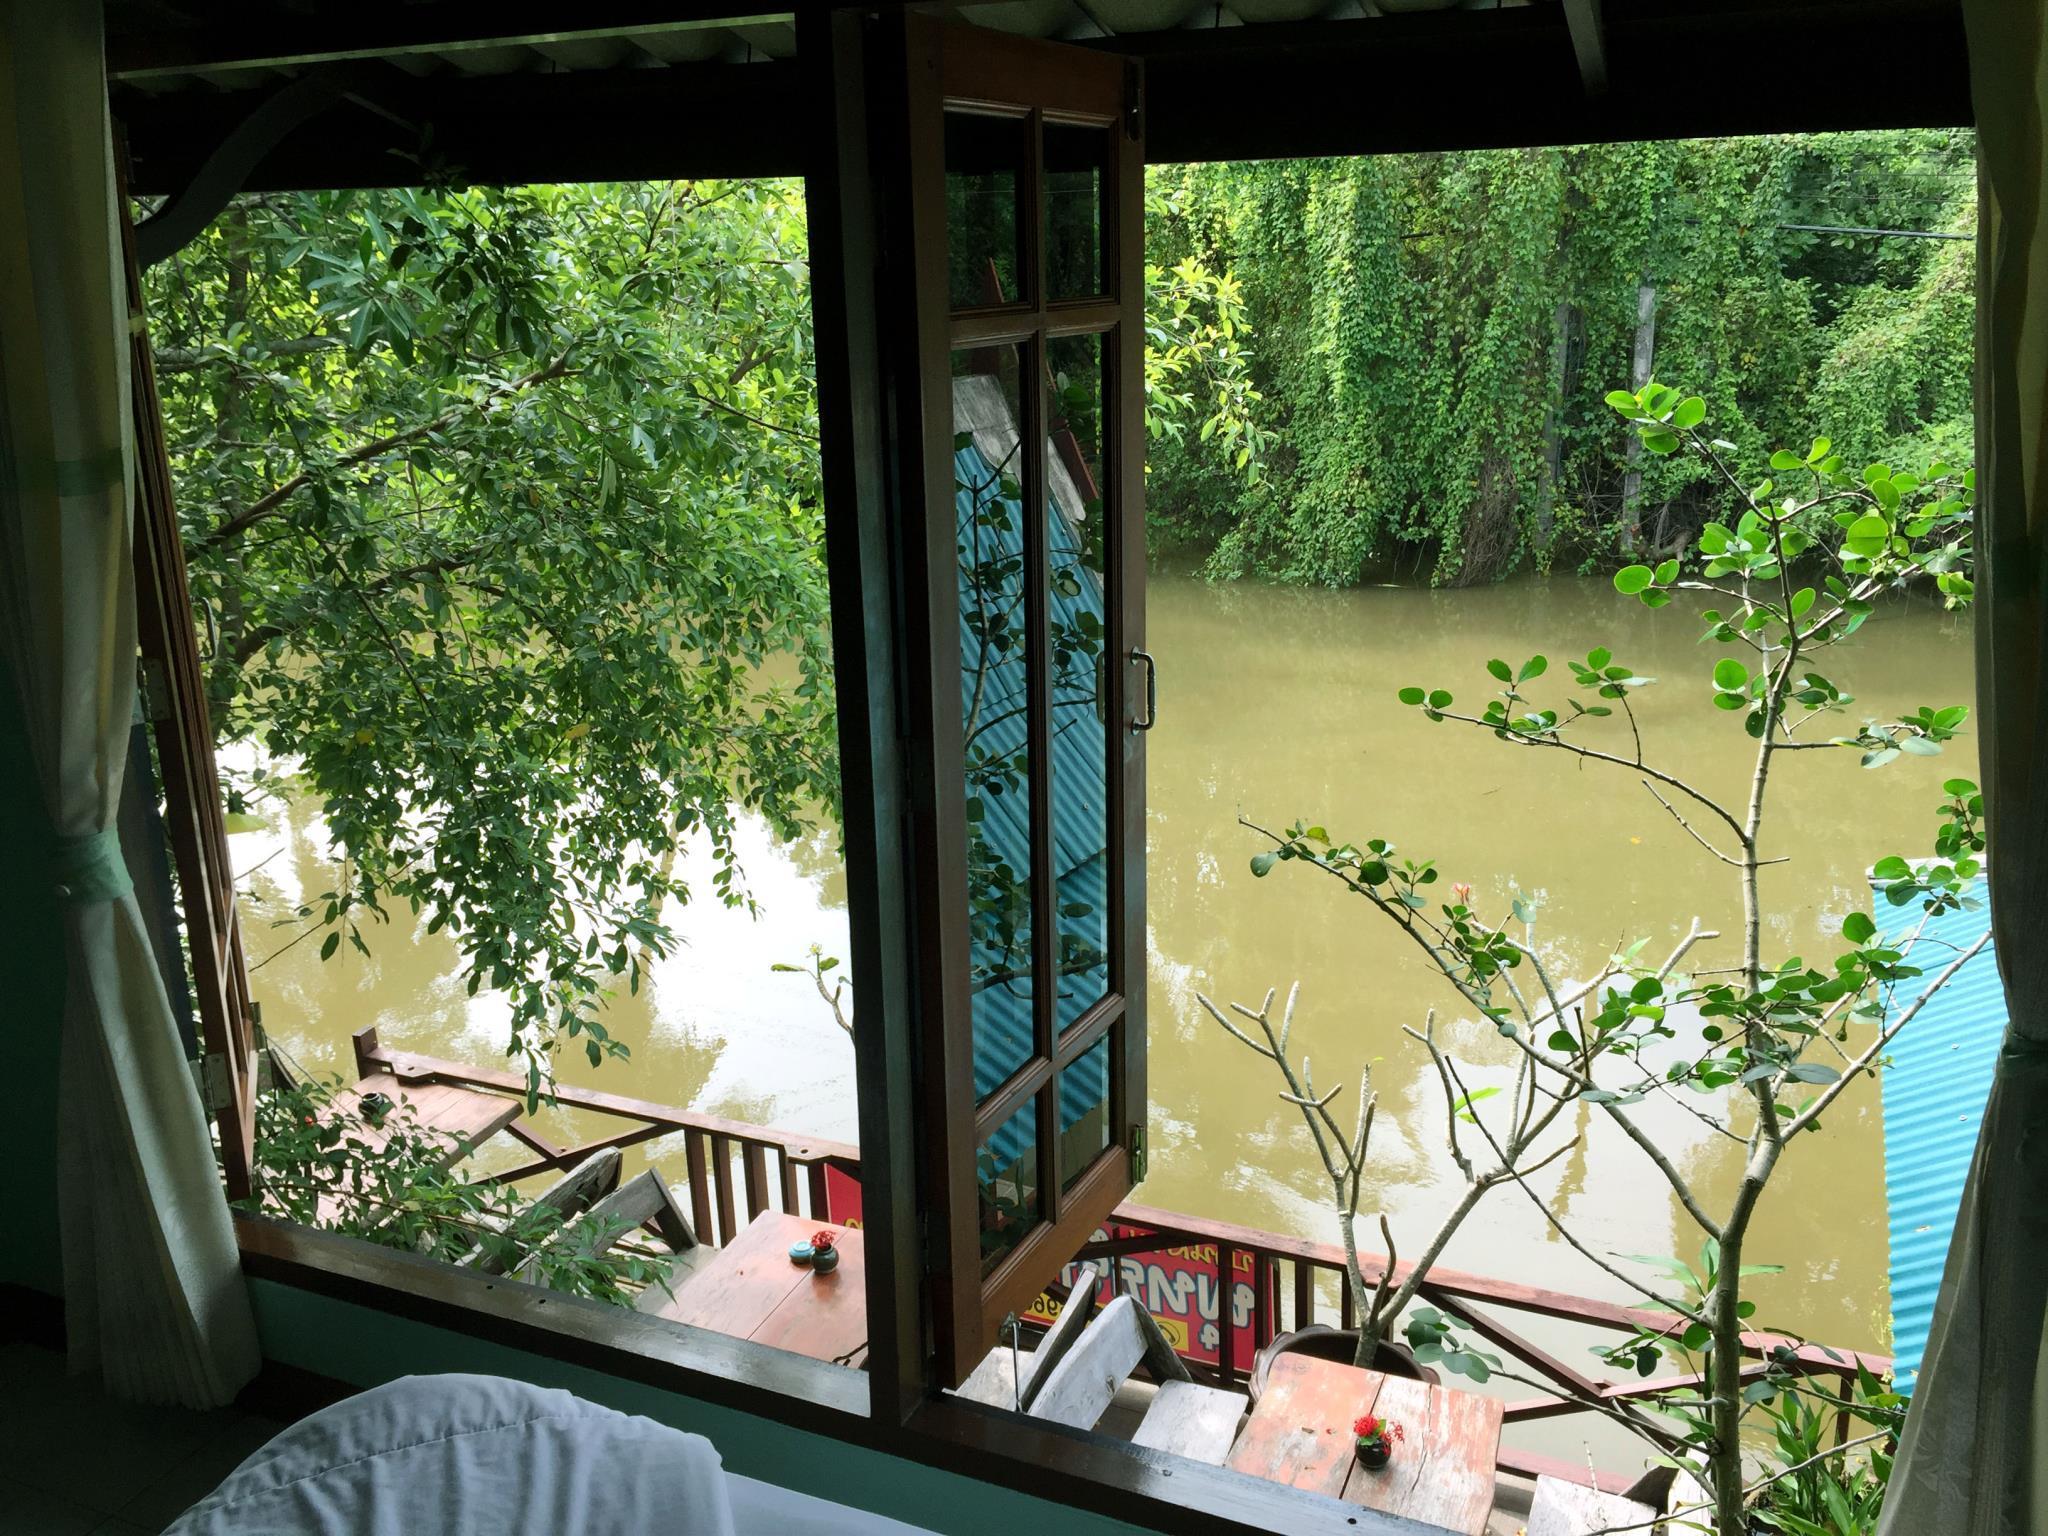 普塔拉克萨班苏安酒店,บ้านสวนพุทธรักษา